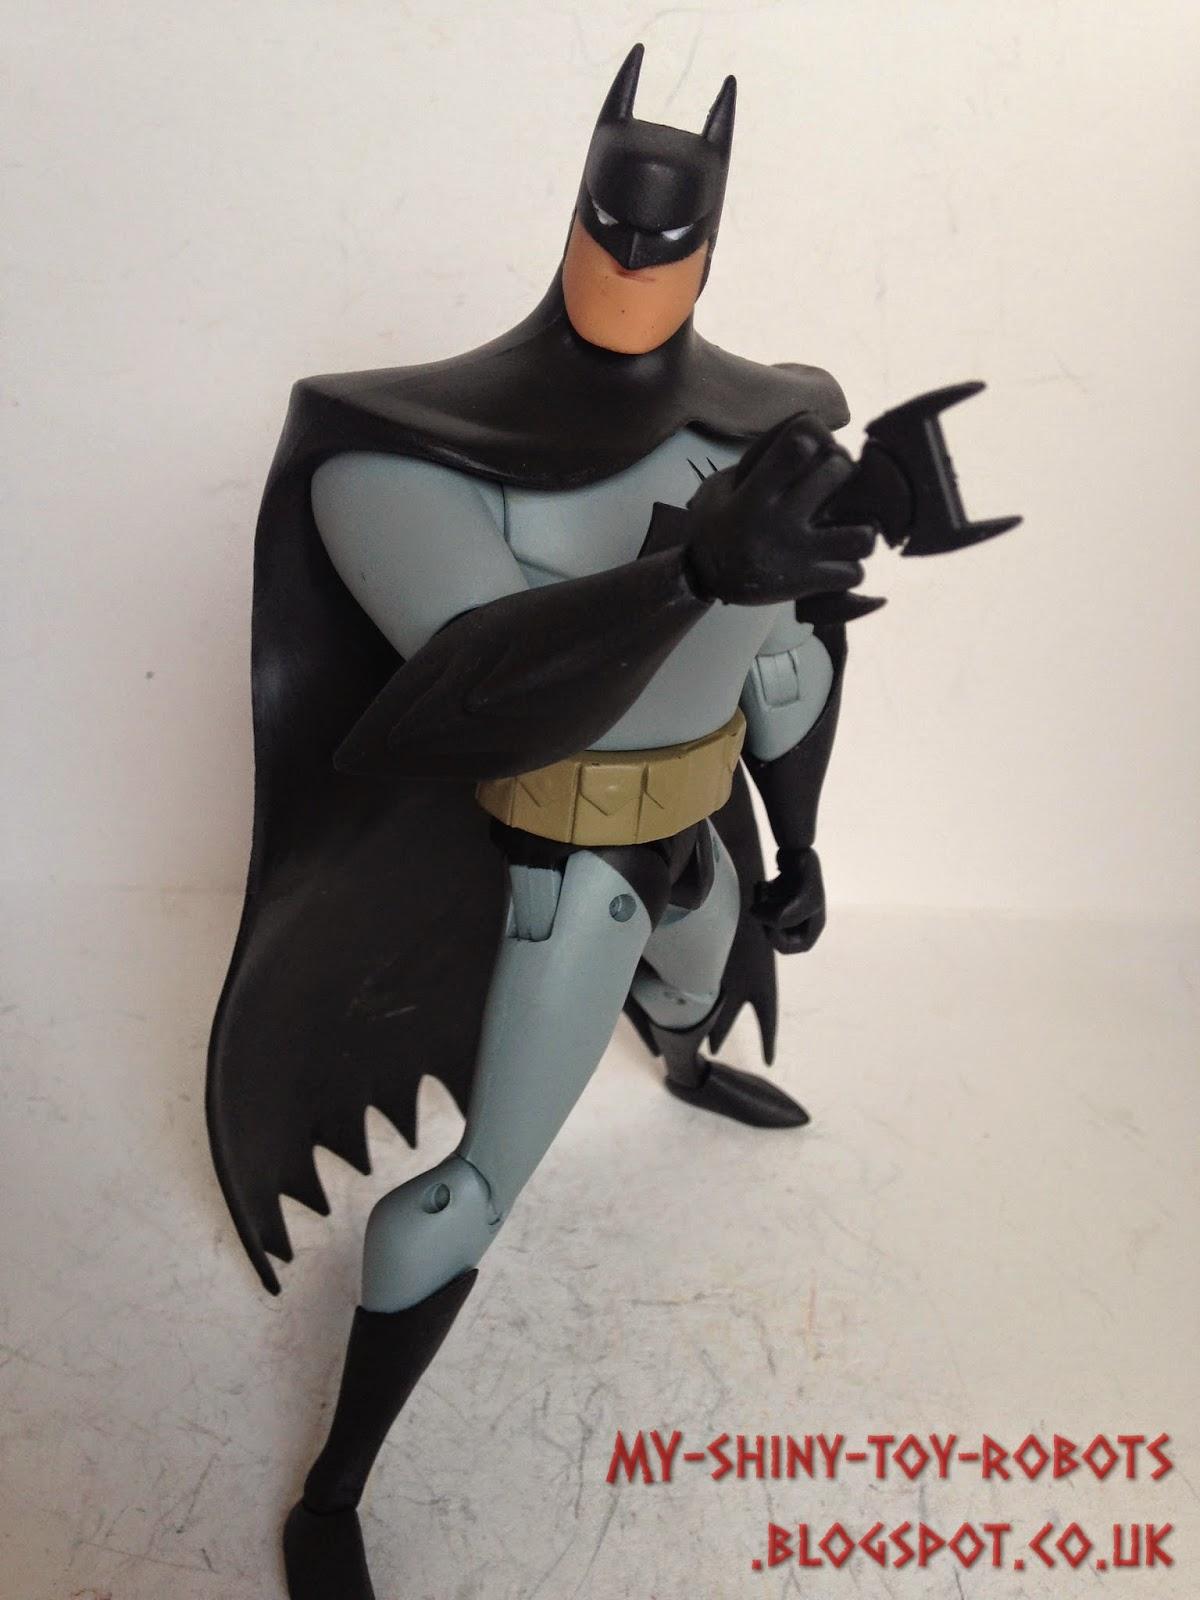 Posing Batman